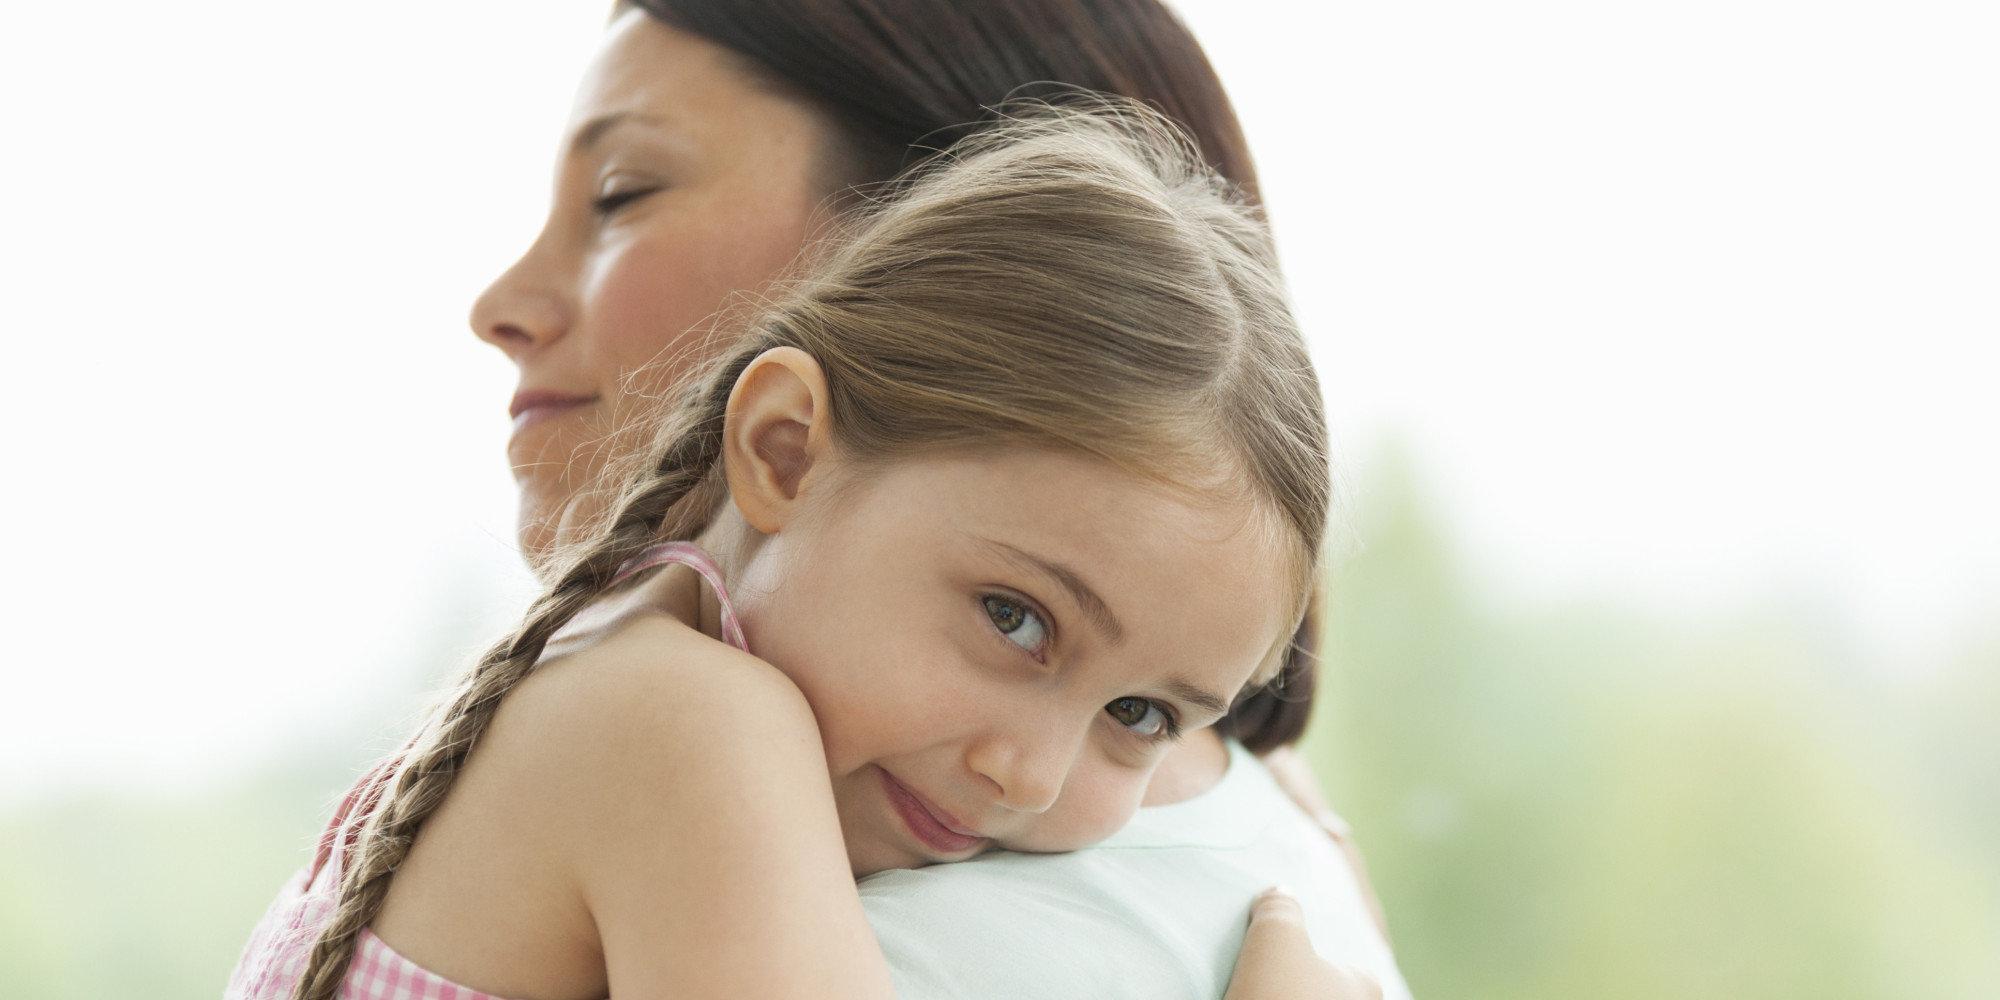 дете майка добър пример възпитание